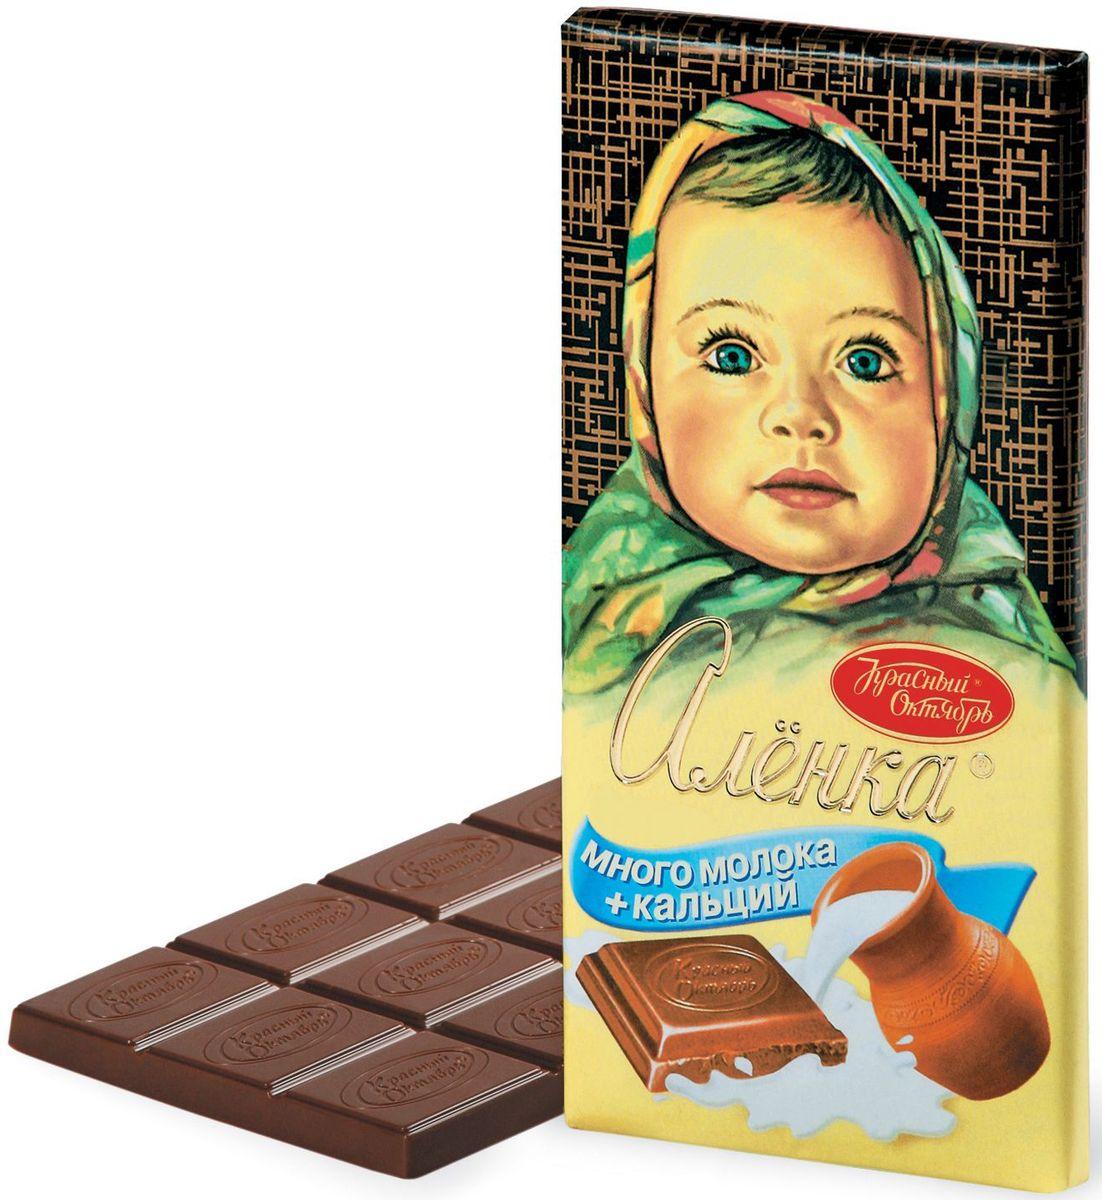 Красный Октябрь Аленка много молока молочный шоколад, 100 г chokocat могучий кот молочный шоколад 50 г